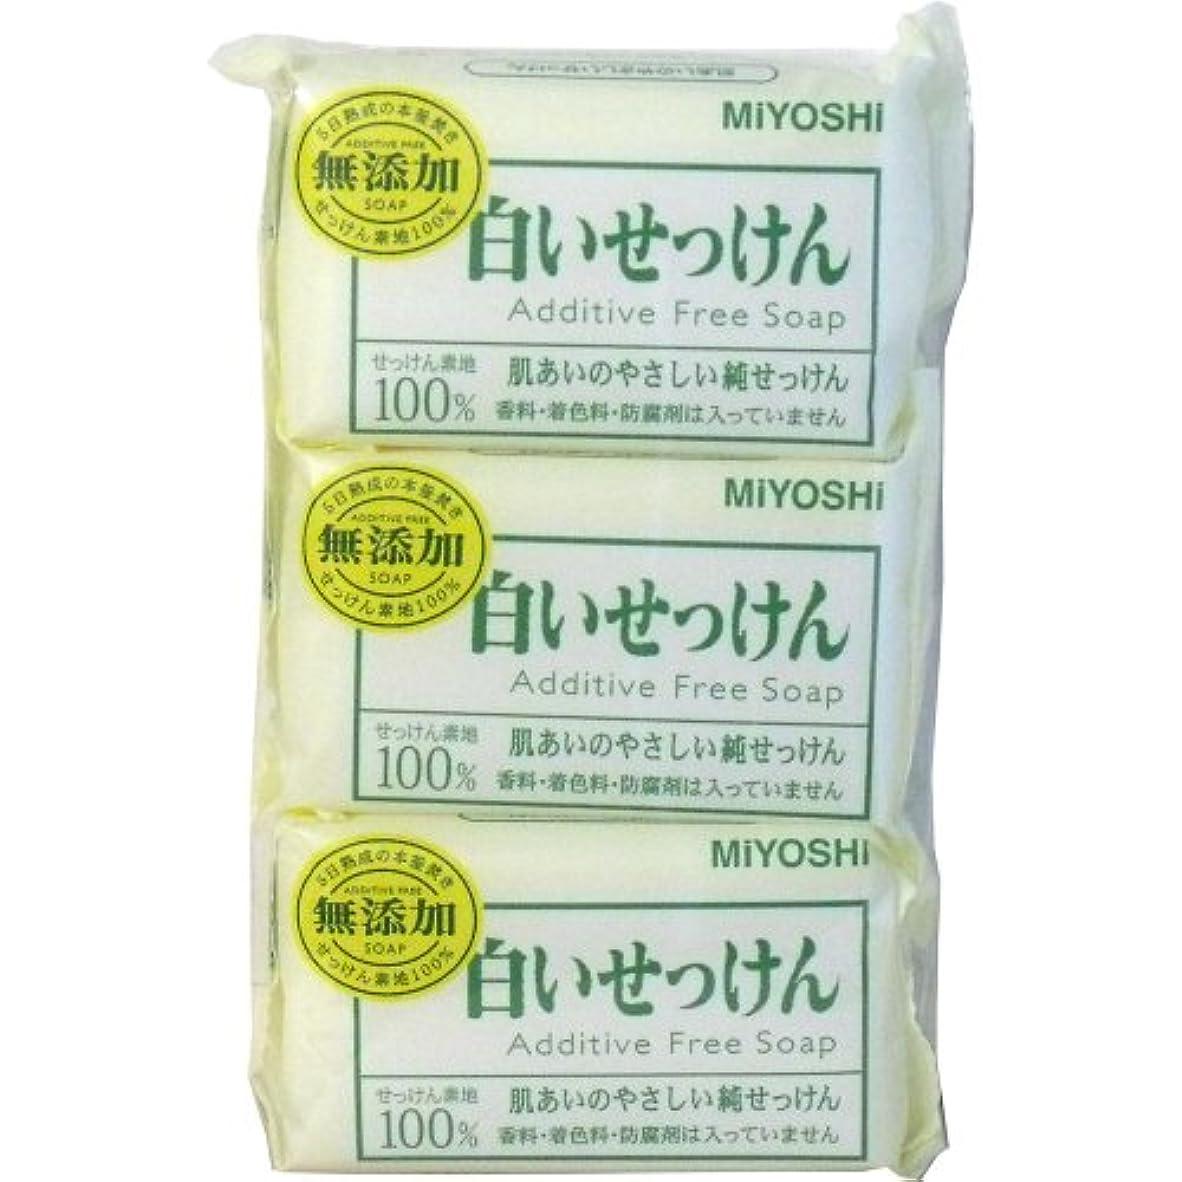 着実に疾患先行するミヨシ 無添加 白いせっけん 108g×3個 ×3個セット